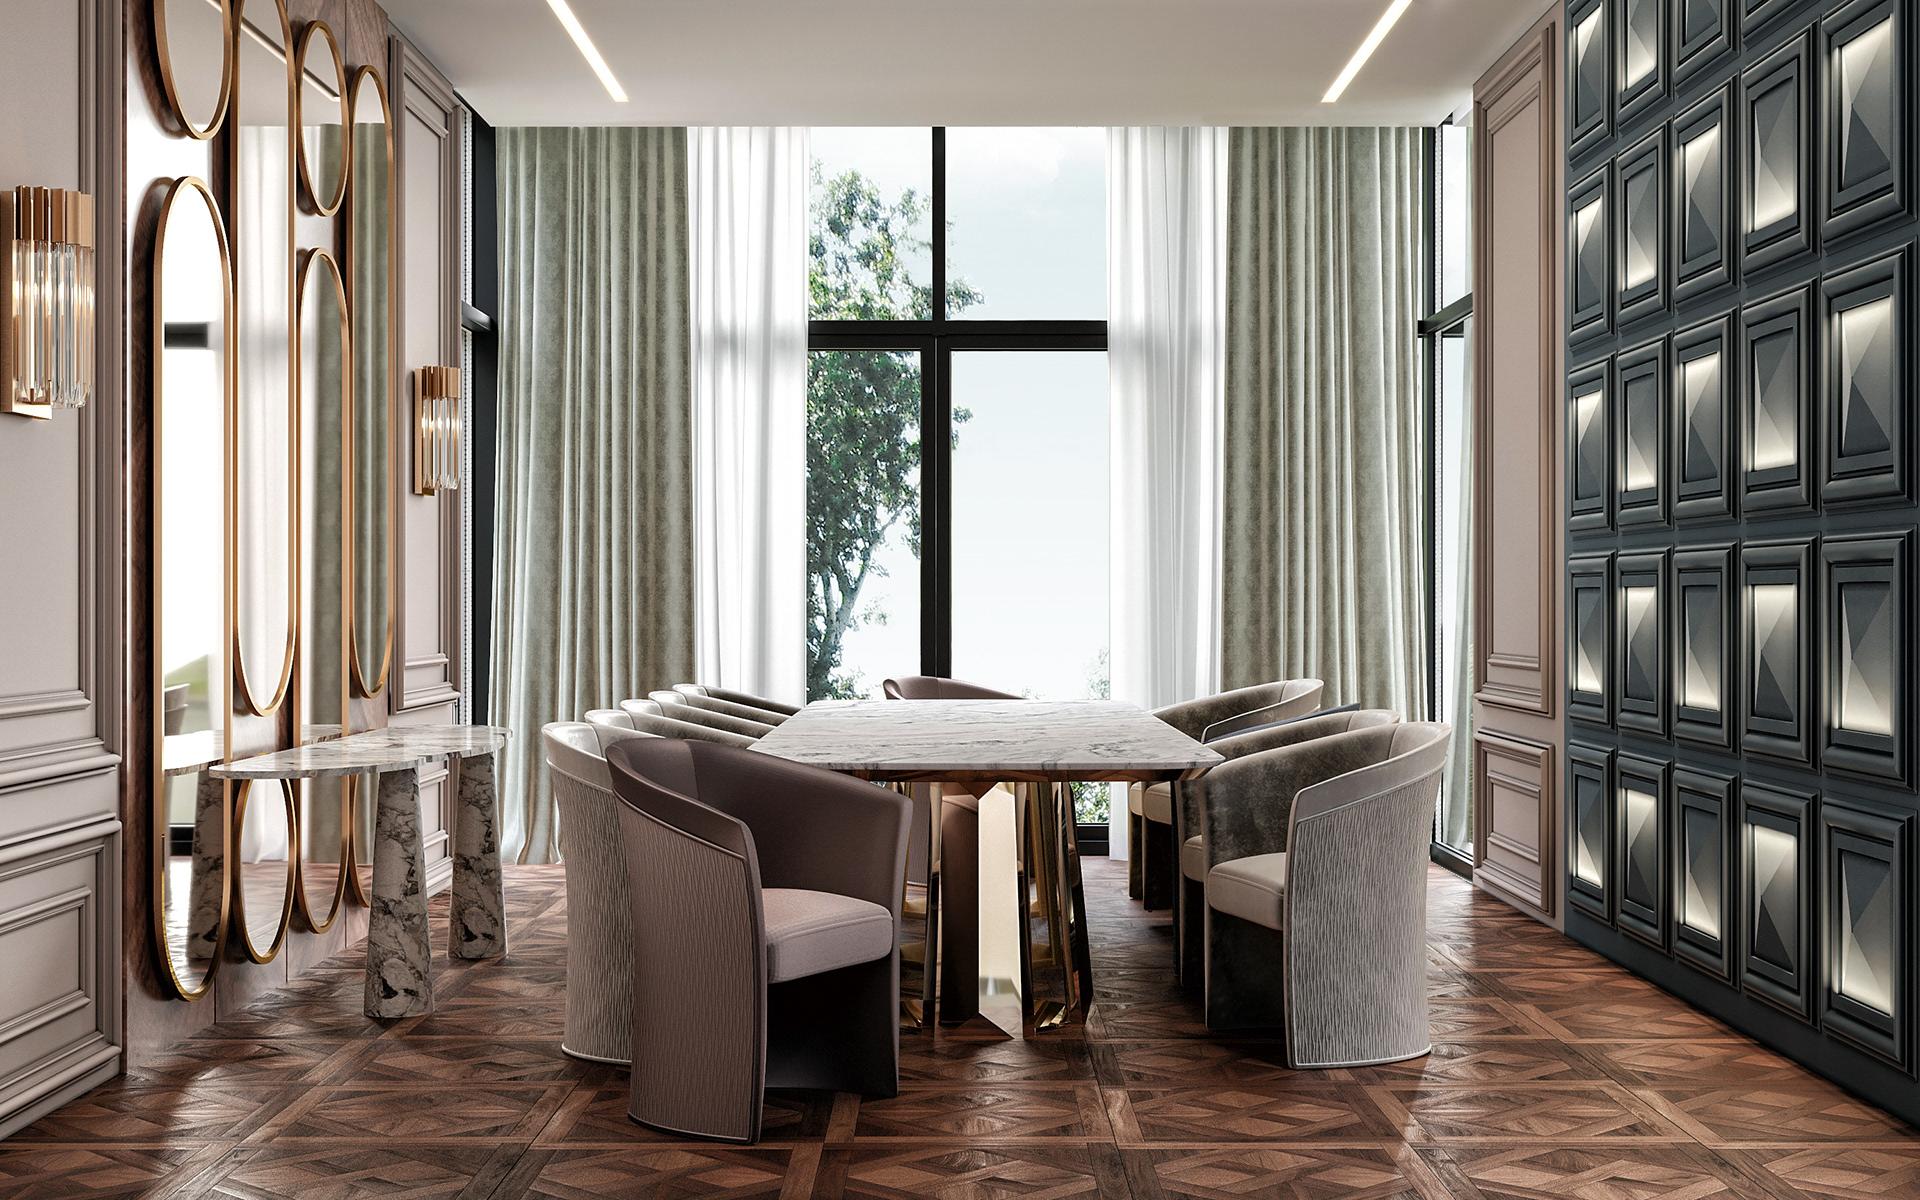 Pimlico Luxury Dining Room Furniture 1